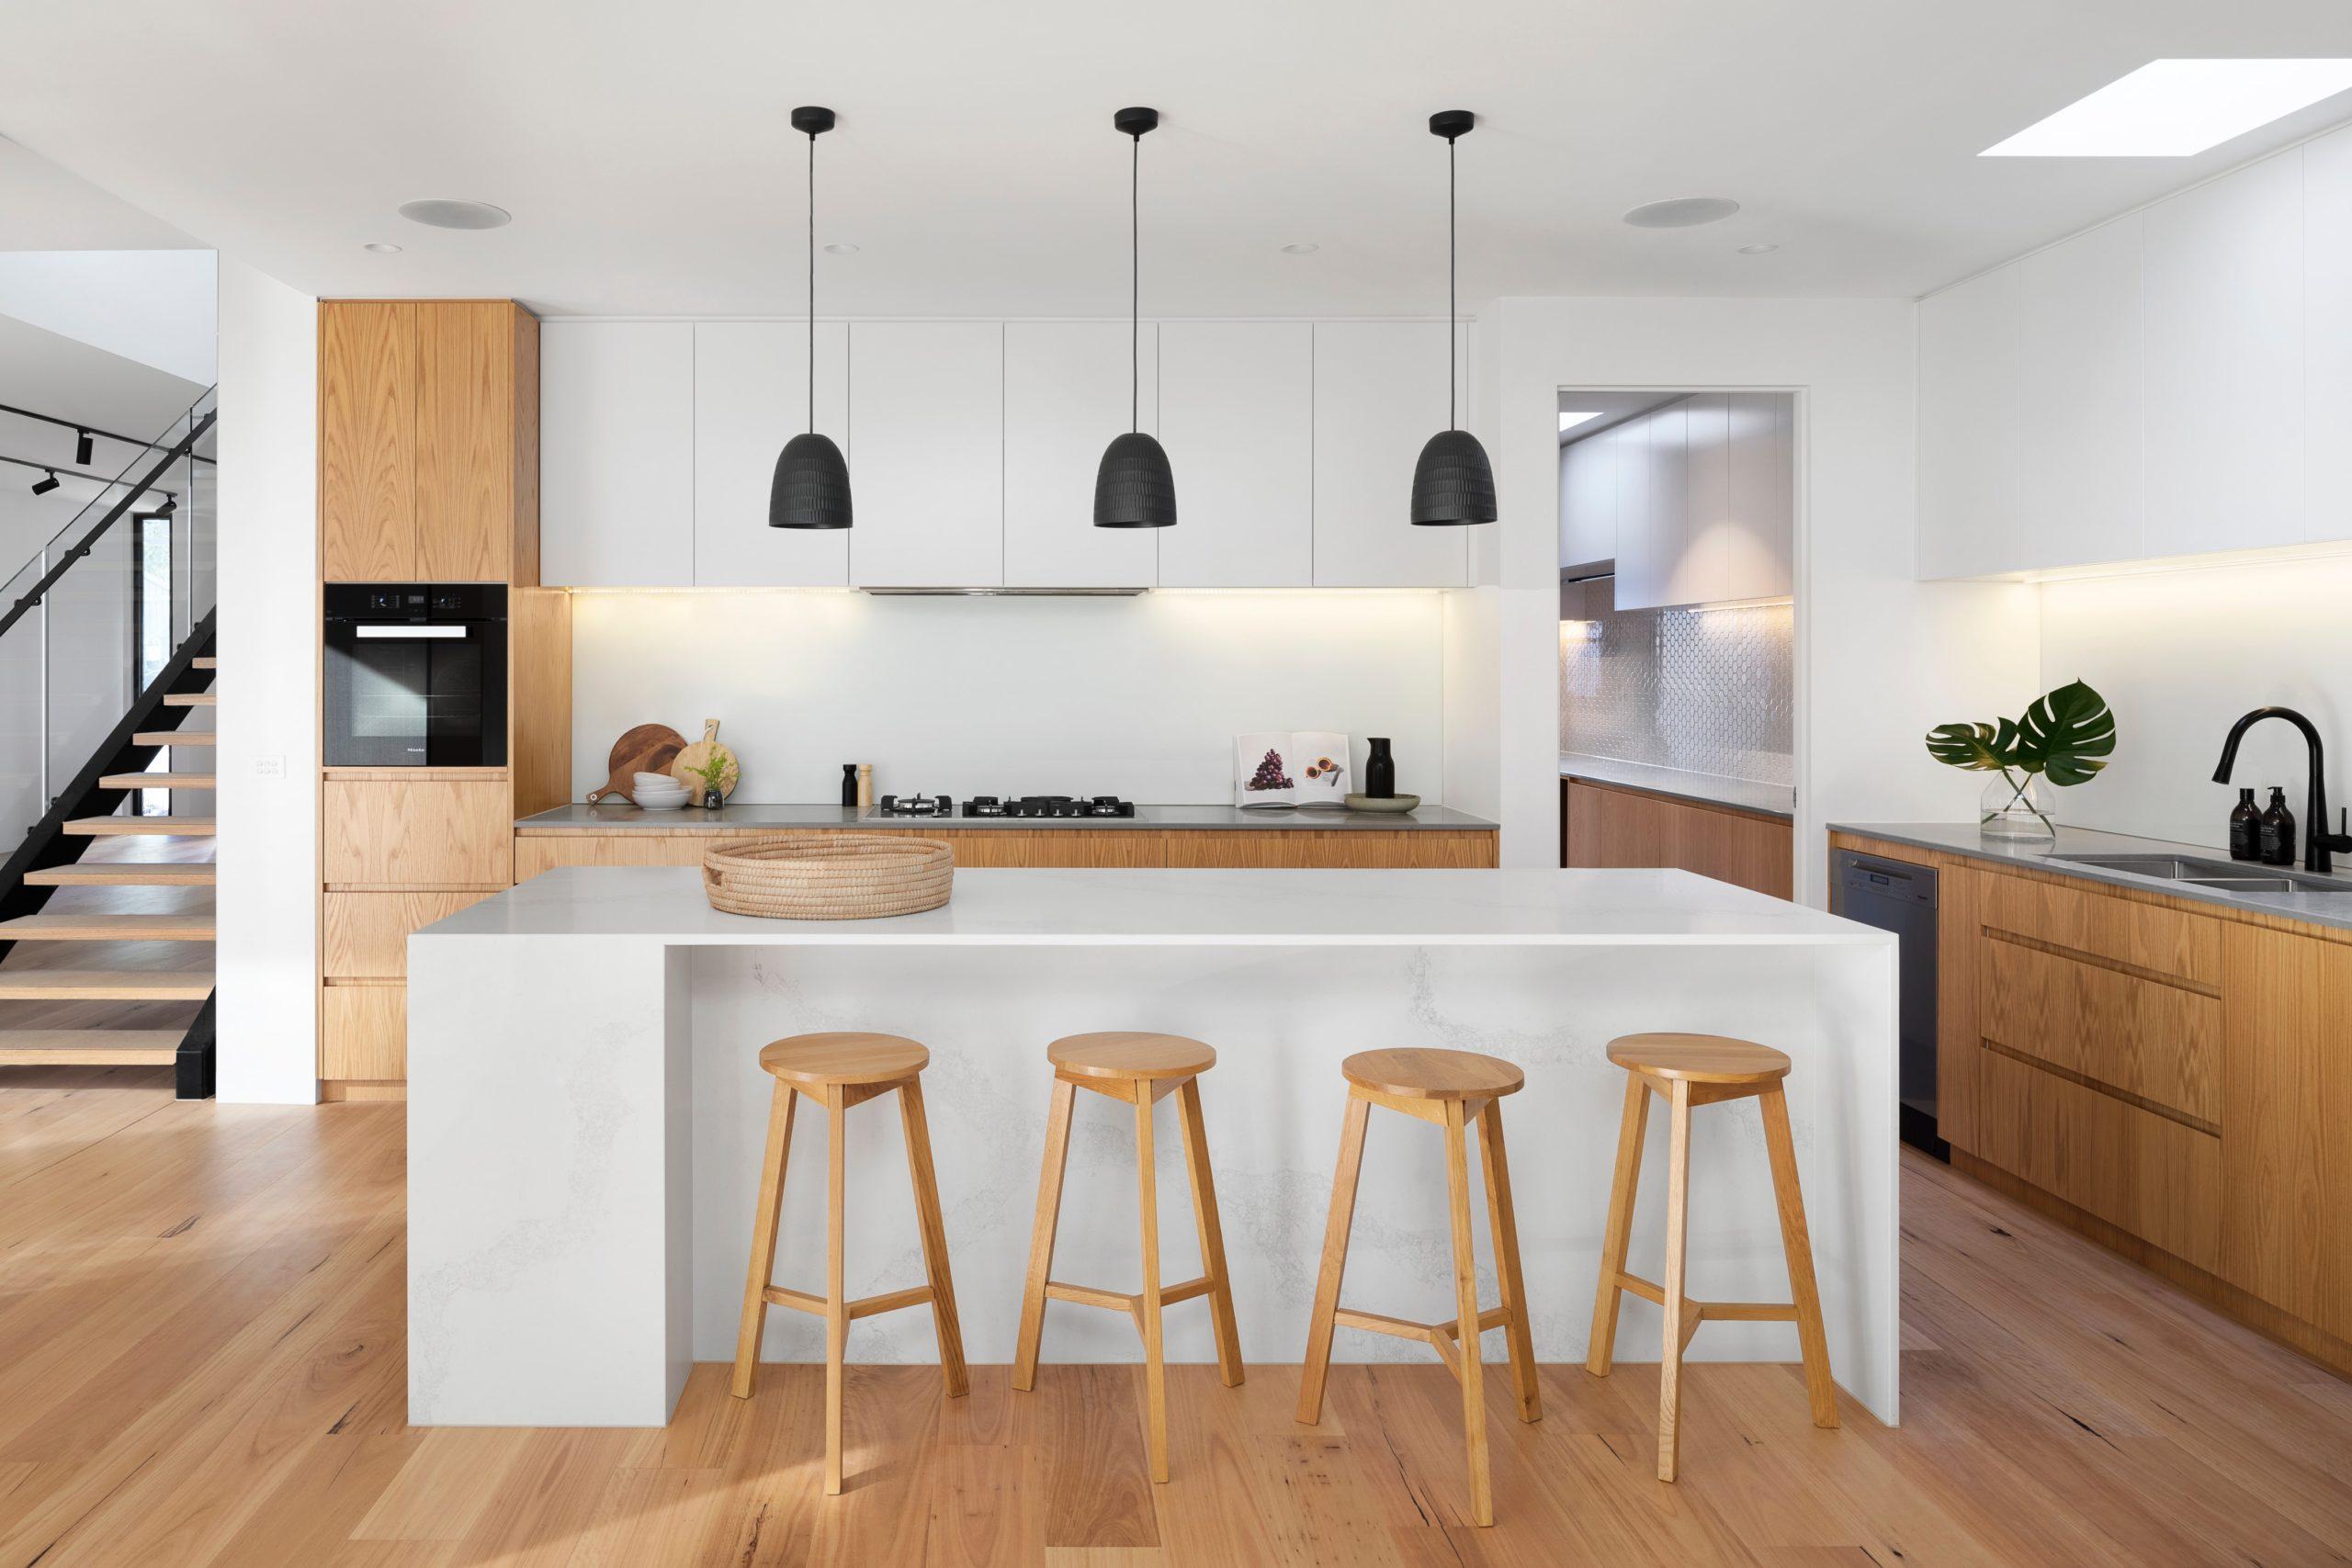 二世帯住宅の間取りのポイント1 キッチンは分ける?